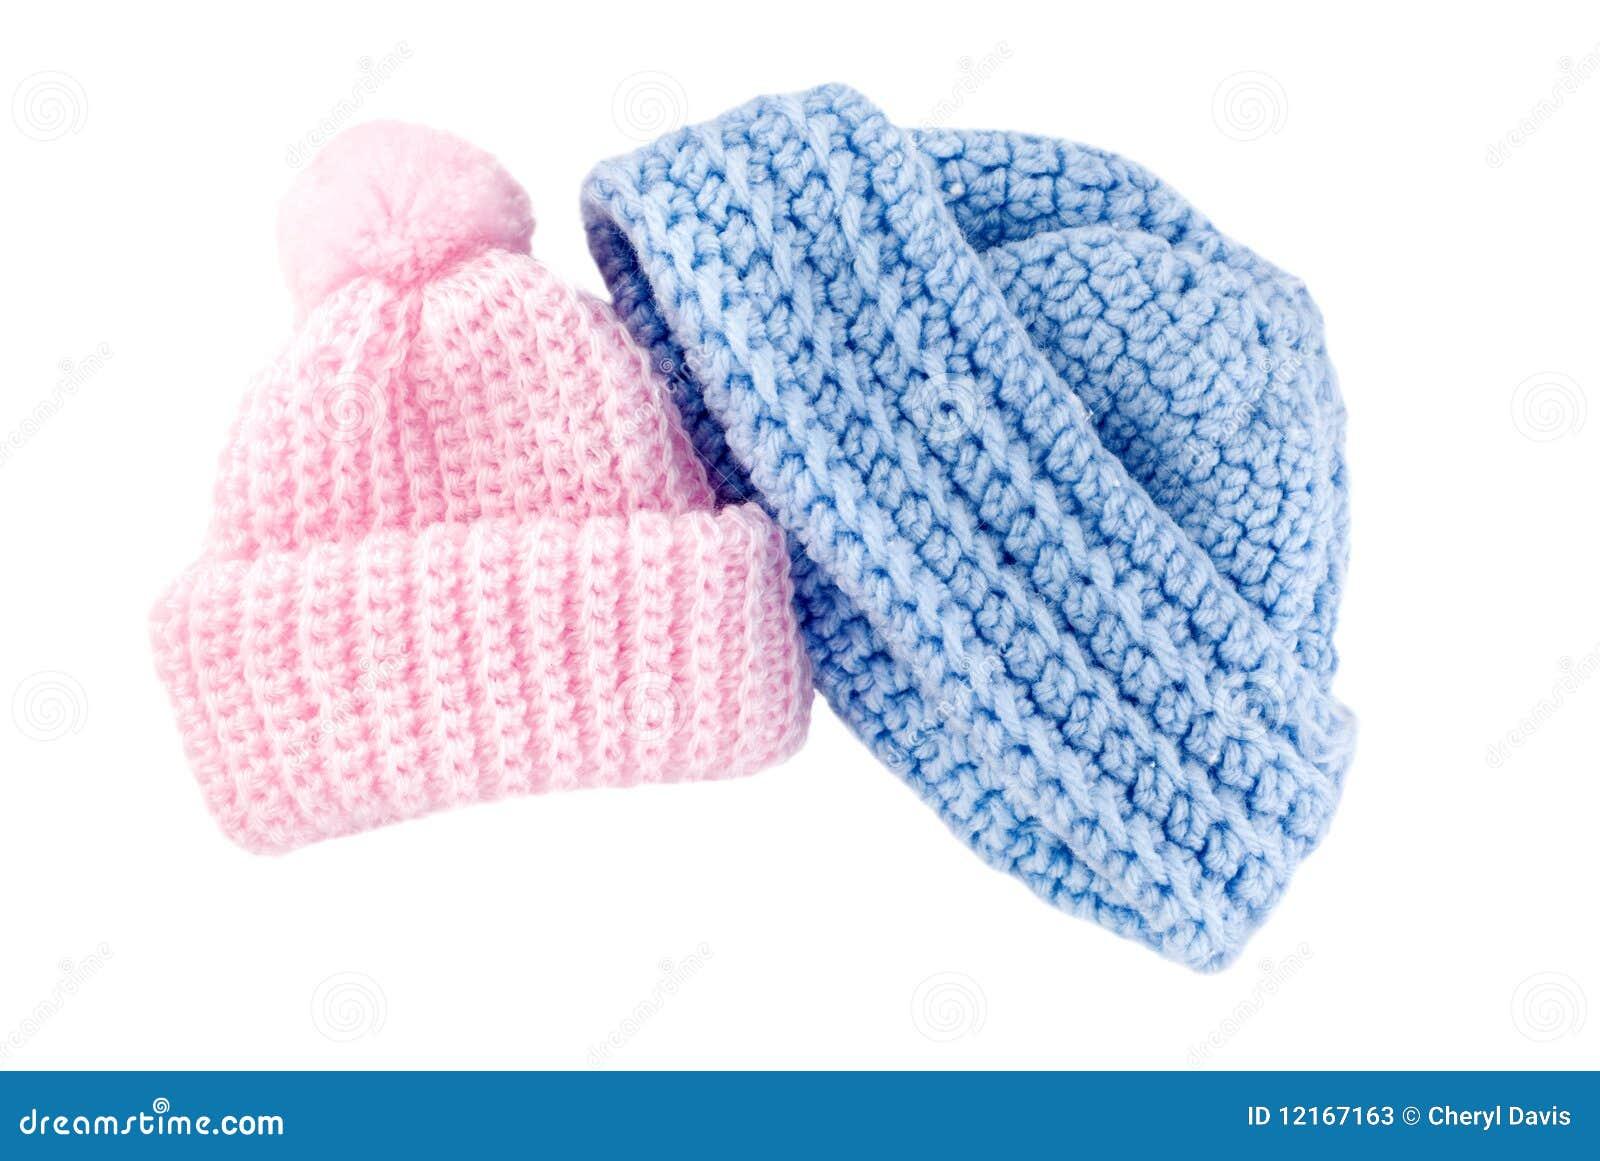 男婴钩针编织的女孩帽子